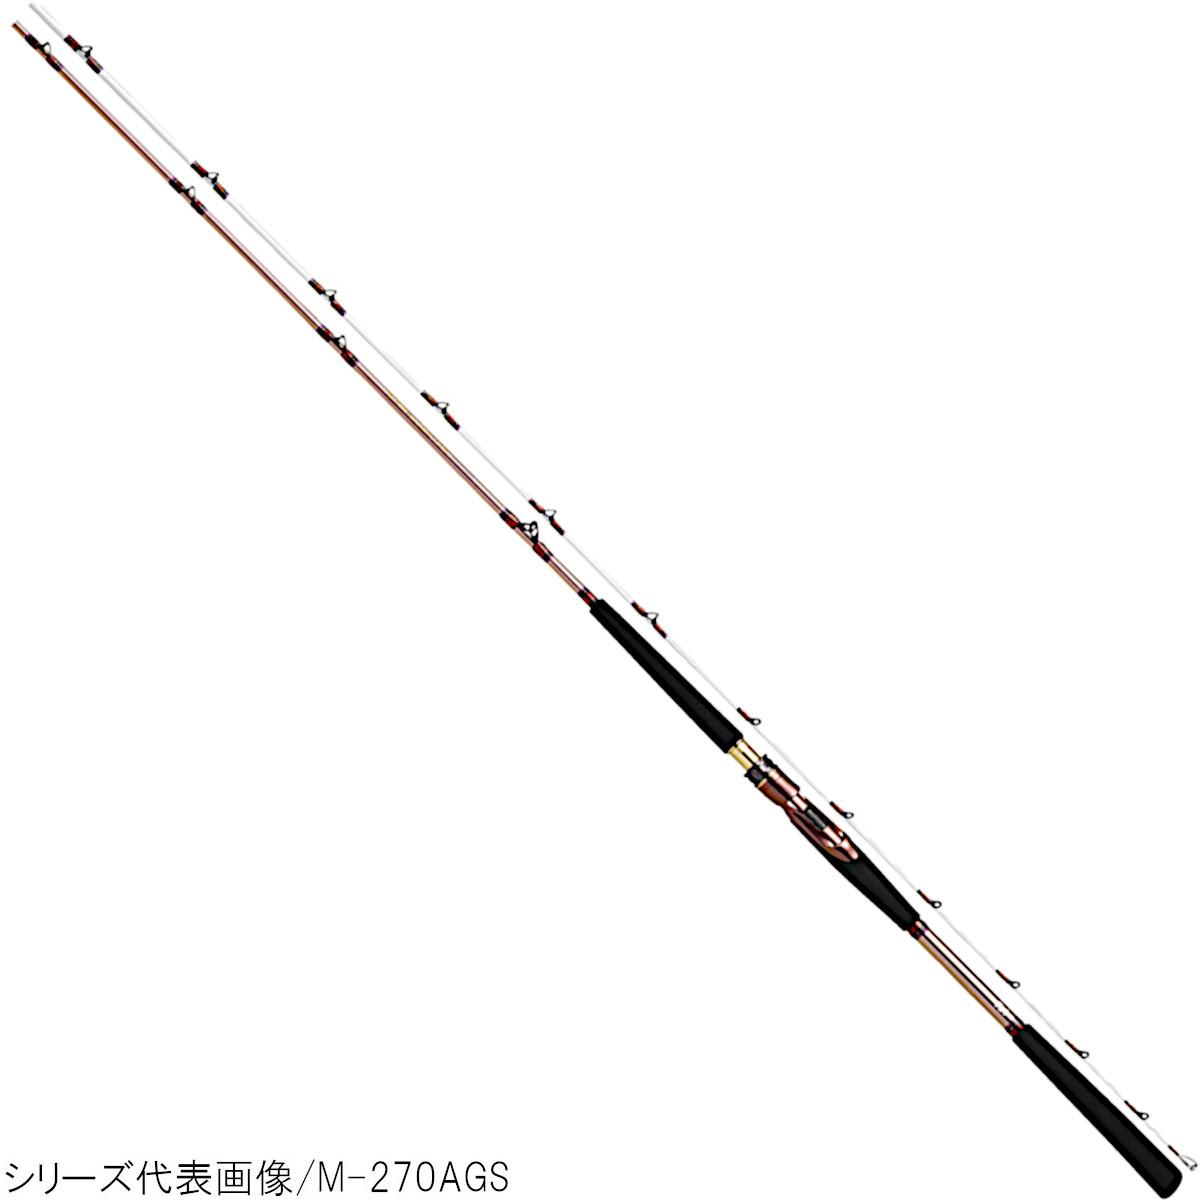 リーオマスター真鯛AIR S-300AGS ダイワ【大型商品】【同梱不可】